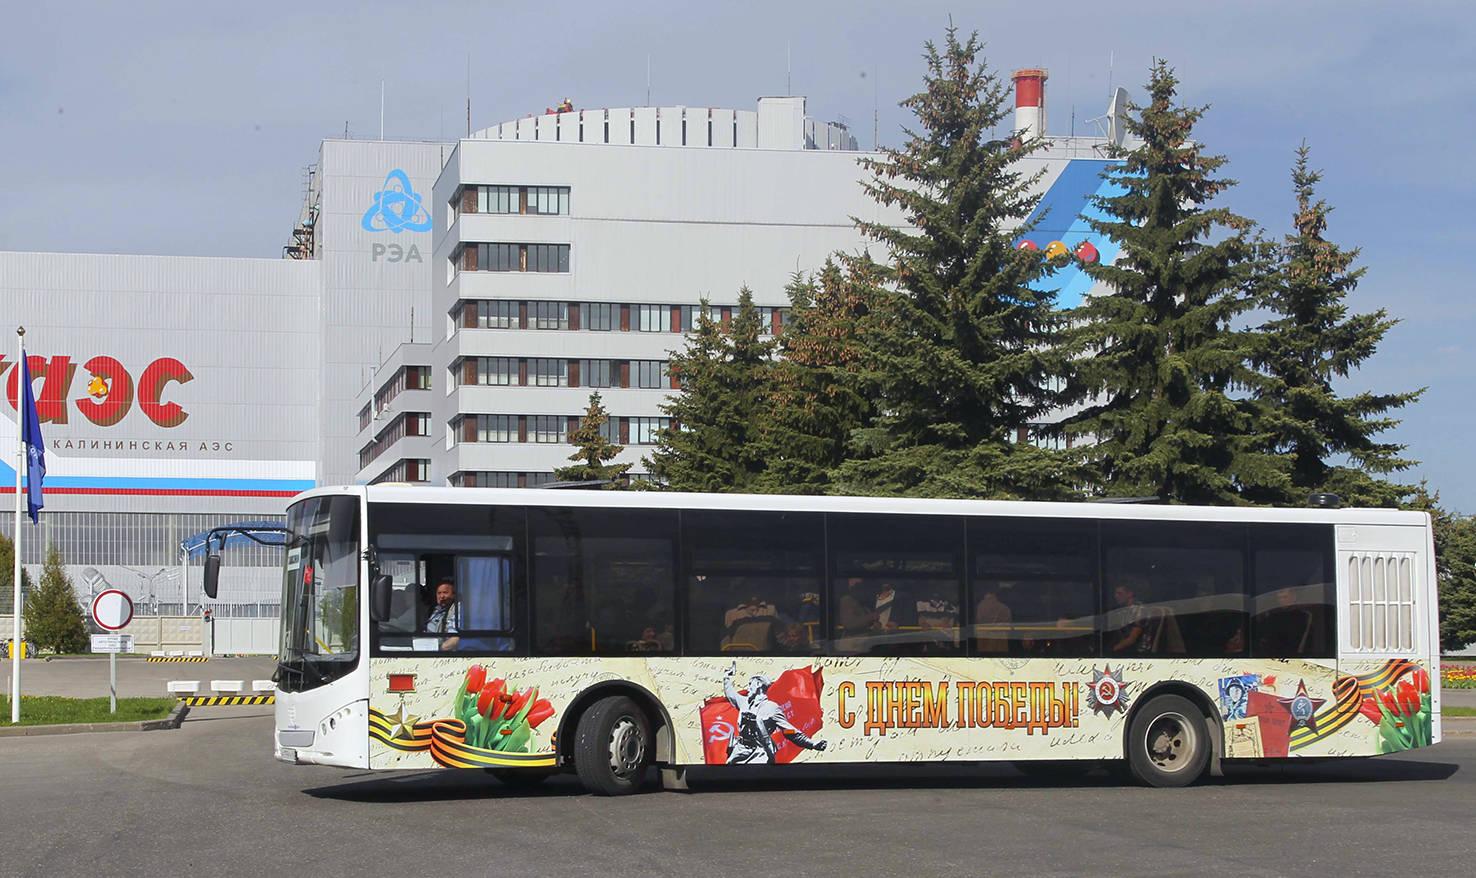 Городской праздничный автобус к 9 мая, 2016